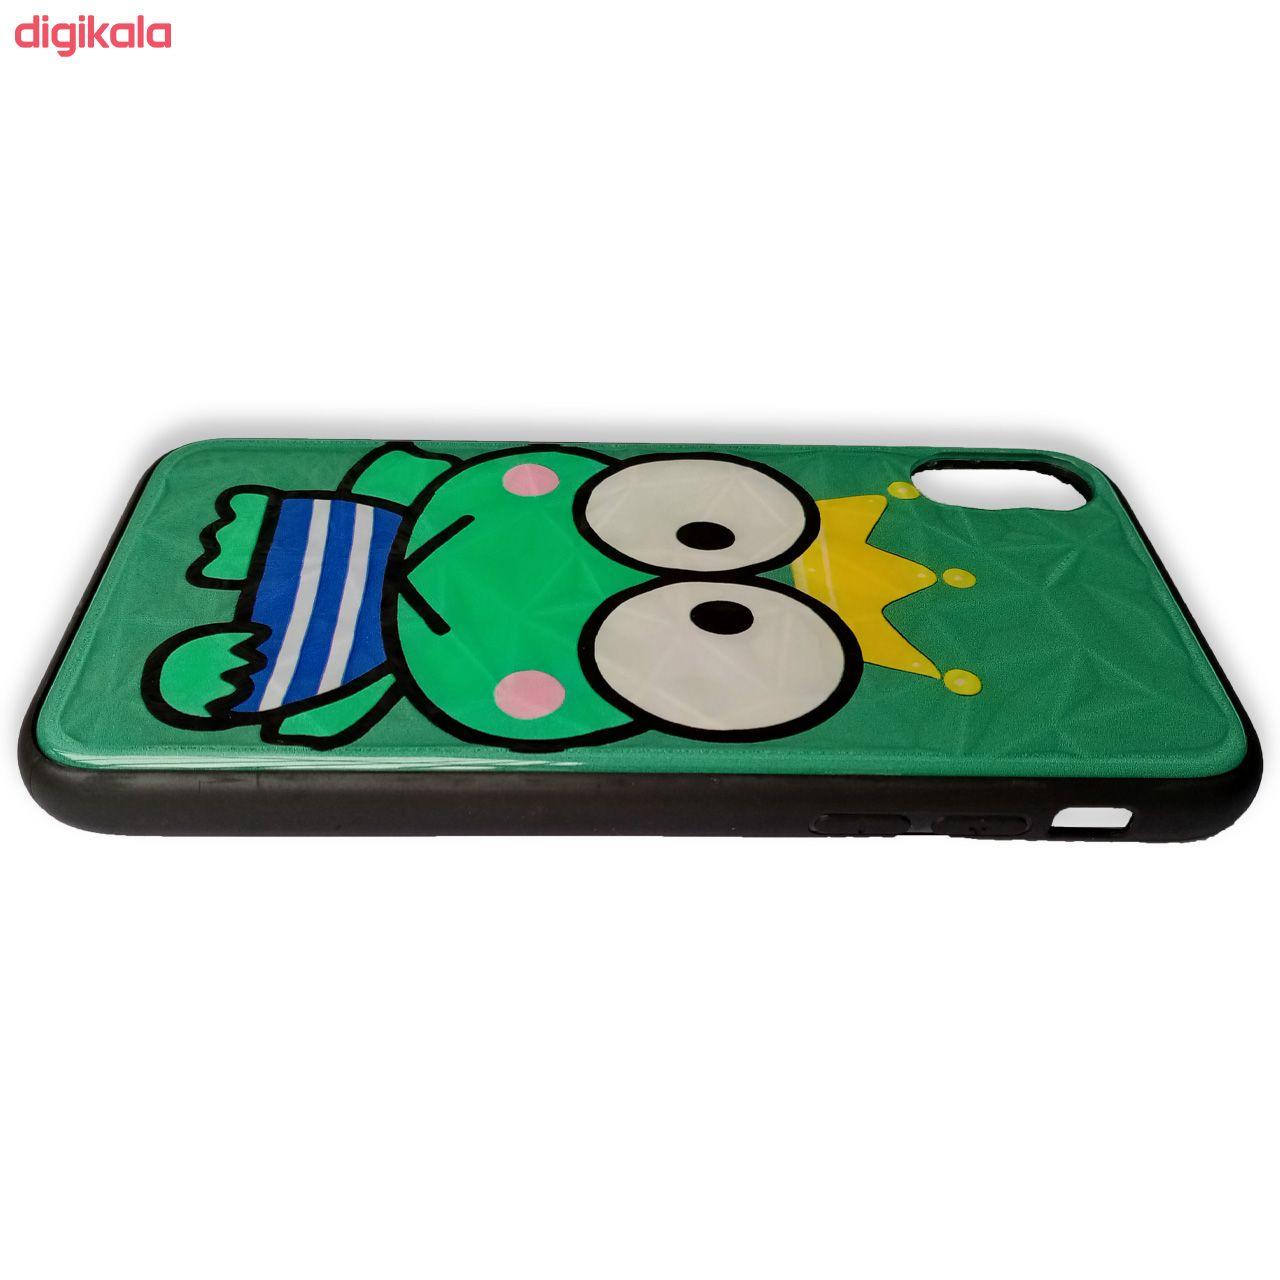 خرید اینترنتی با تخفیف ویژه کاور طرح Princess Frog مدل N11 مناسب برای گوشی موبایل اپل iphone X / Xs